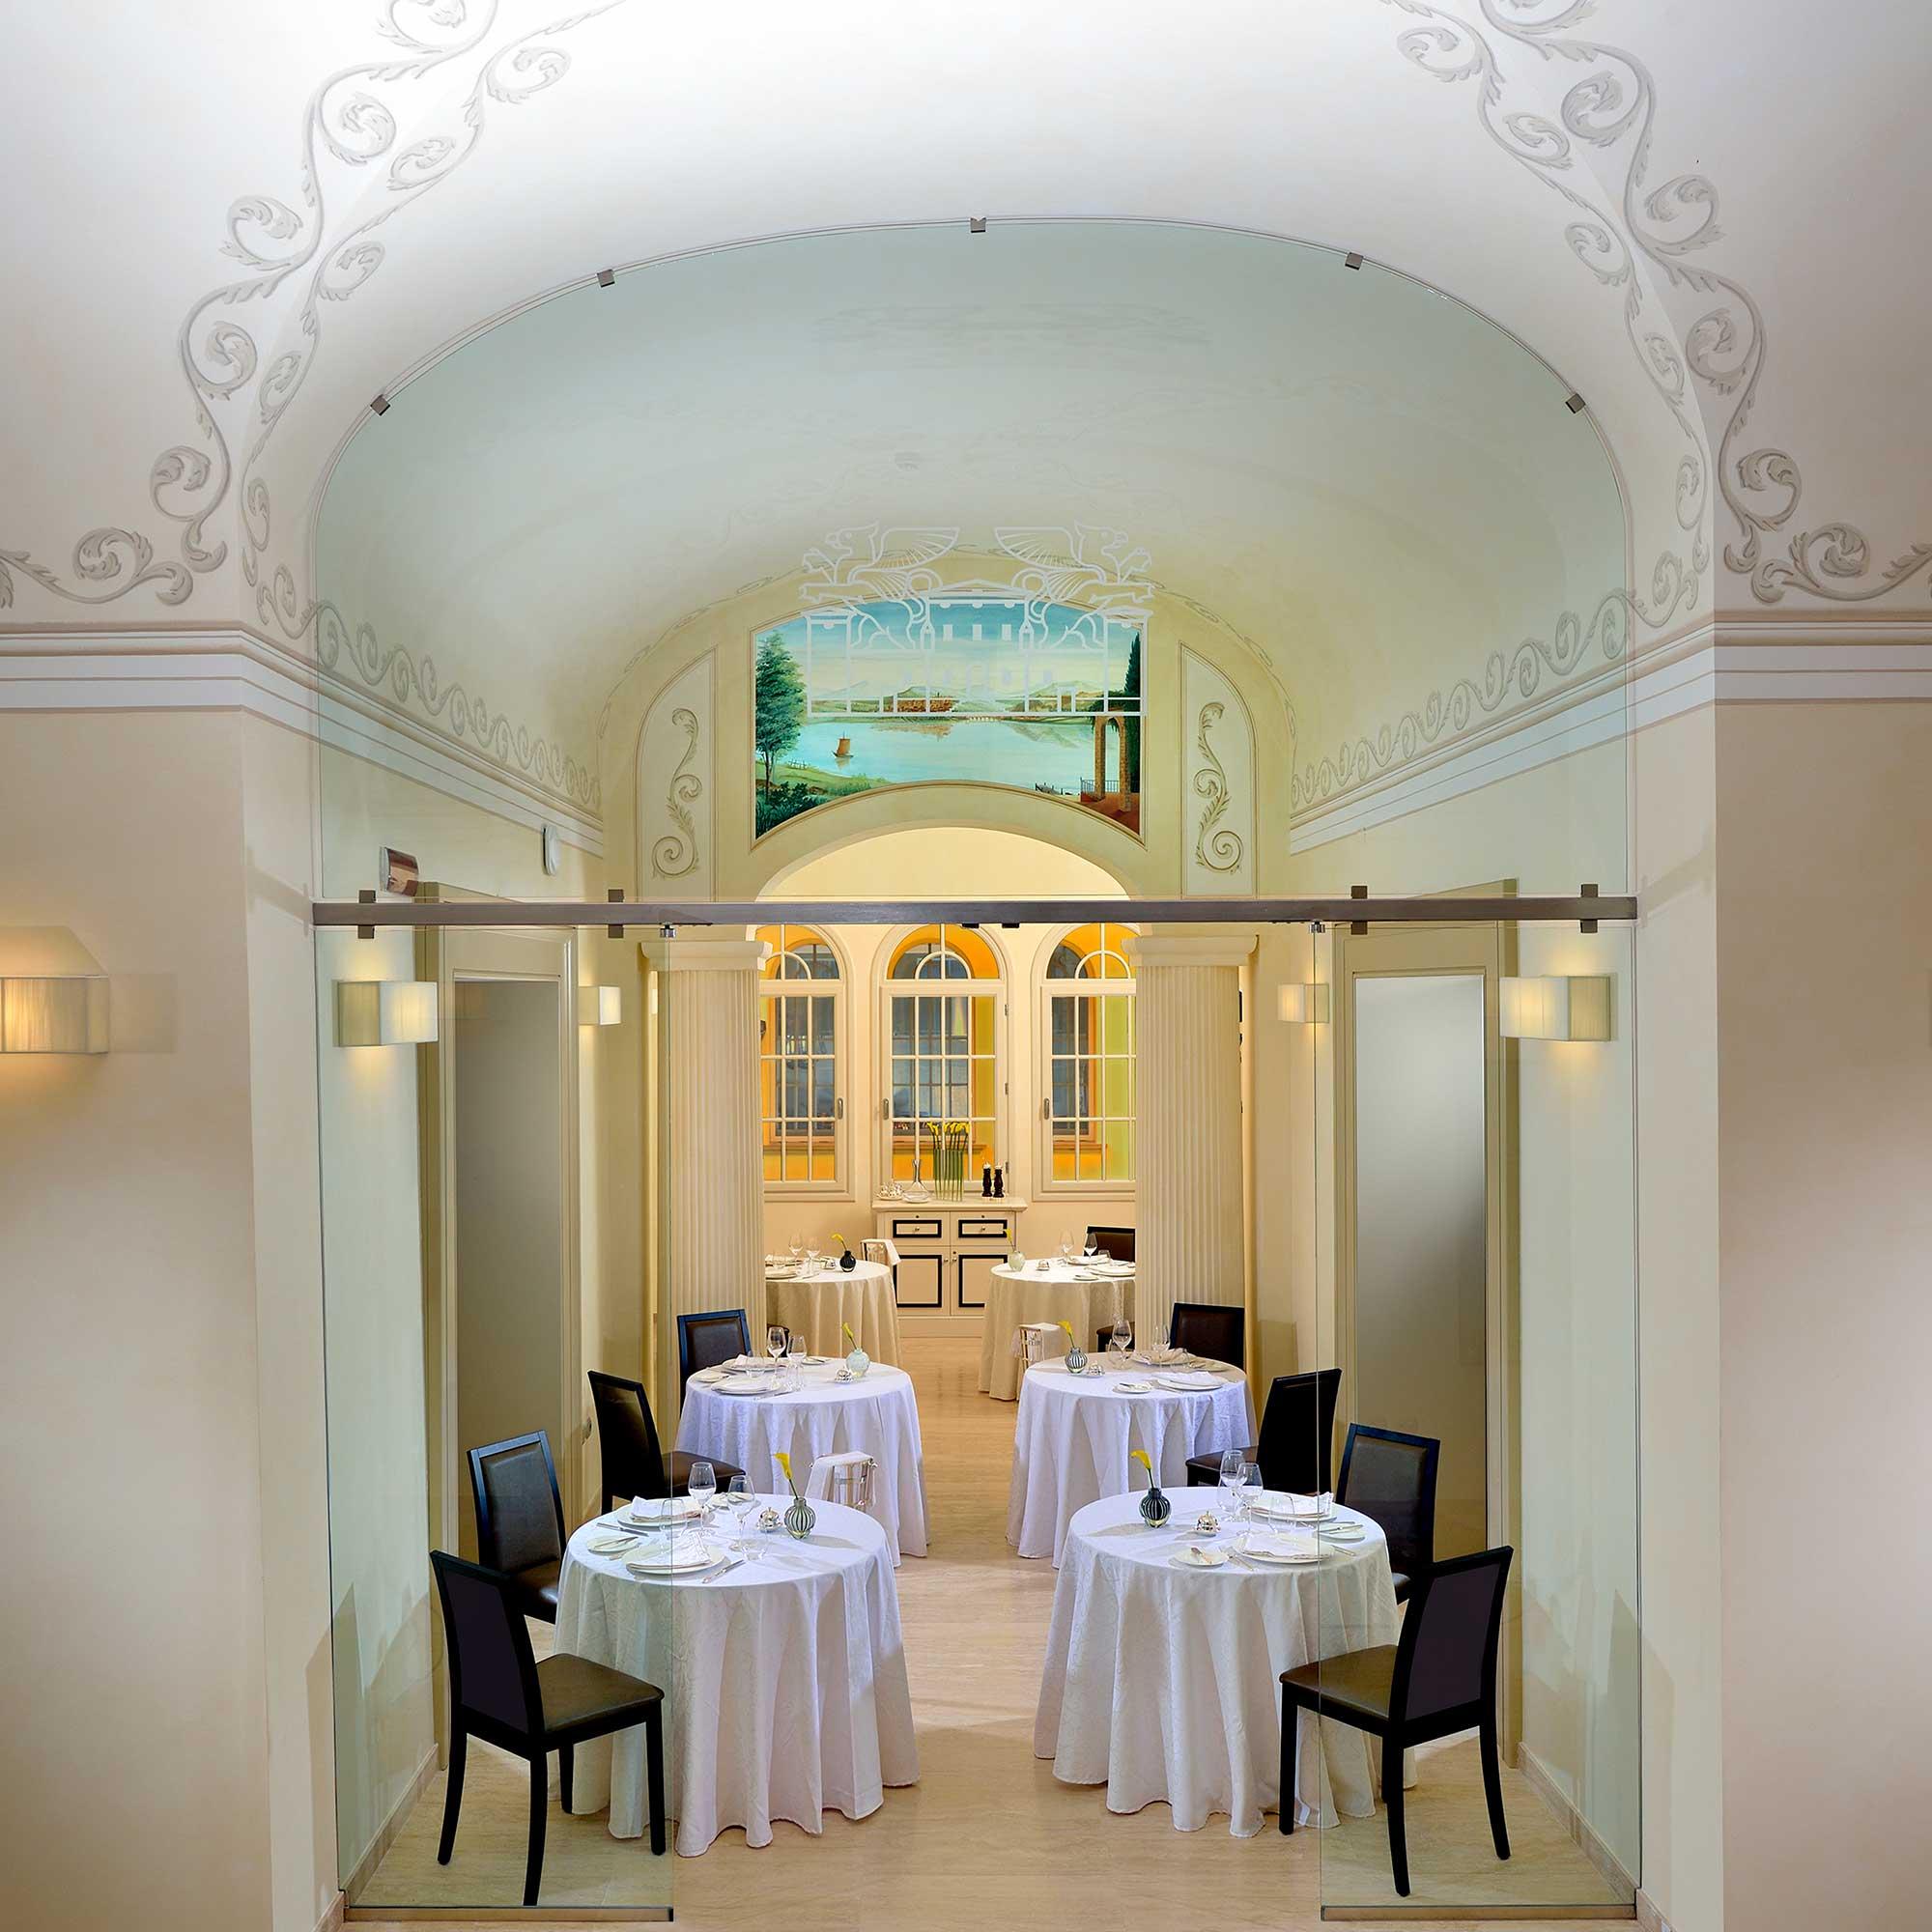 Salle de restaurant sous alcôves avec tables nappées blanches